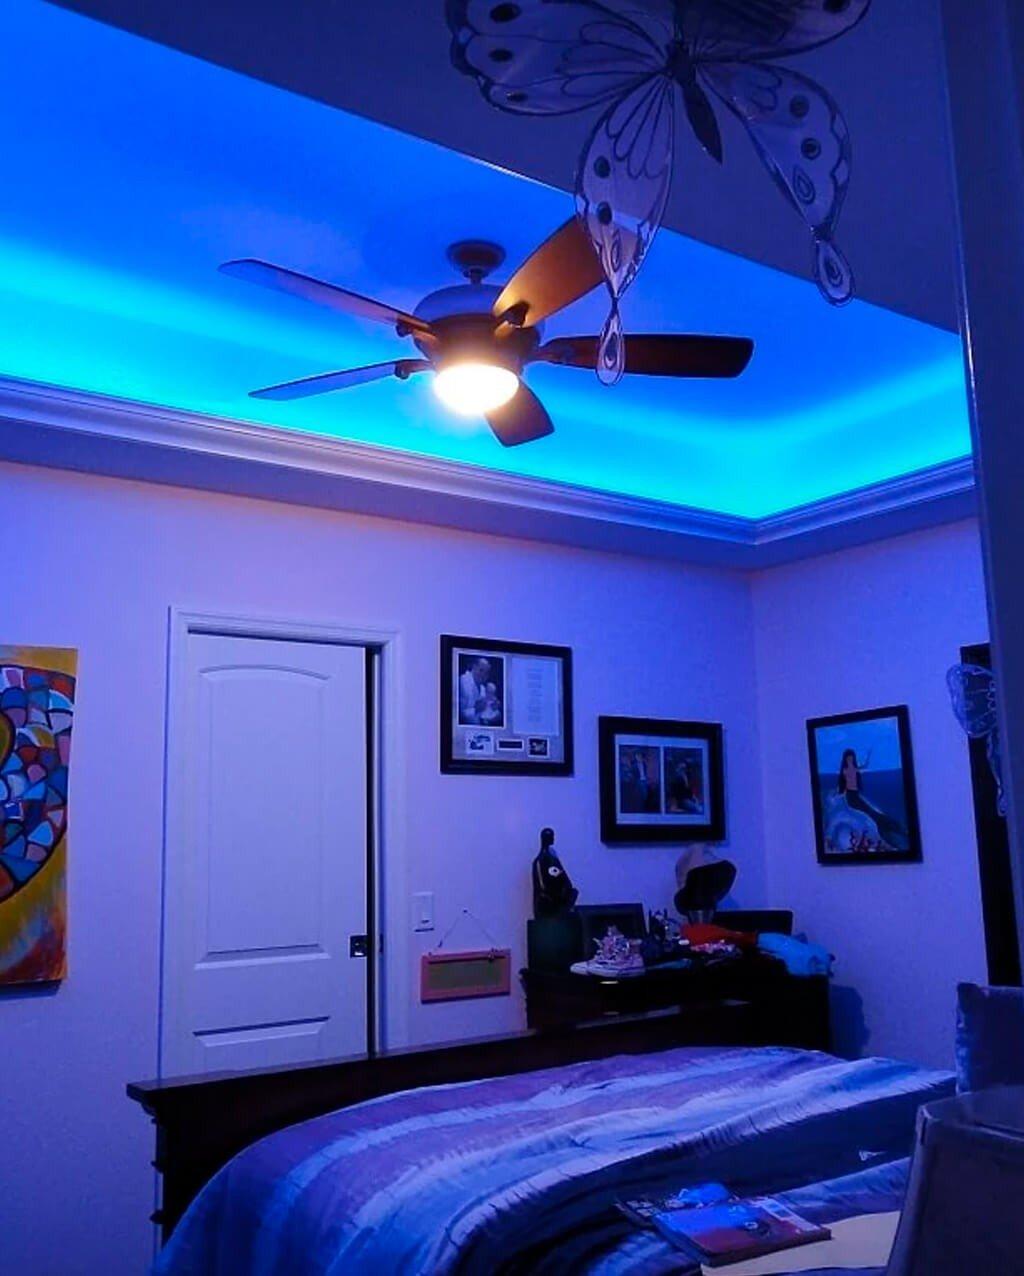 Iluminação Fita LED Forro Sanca